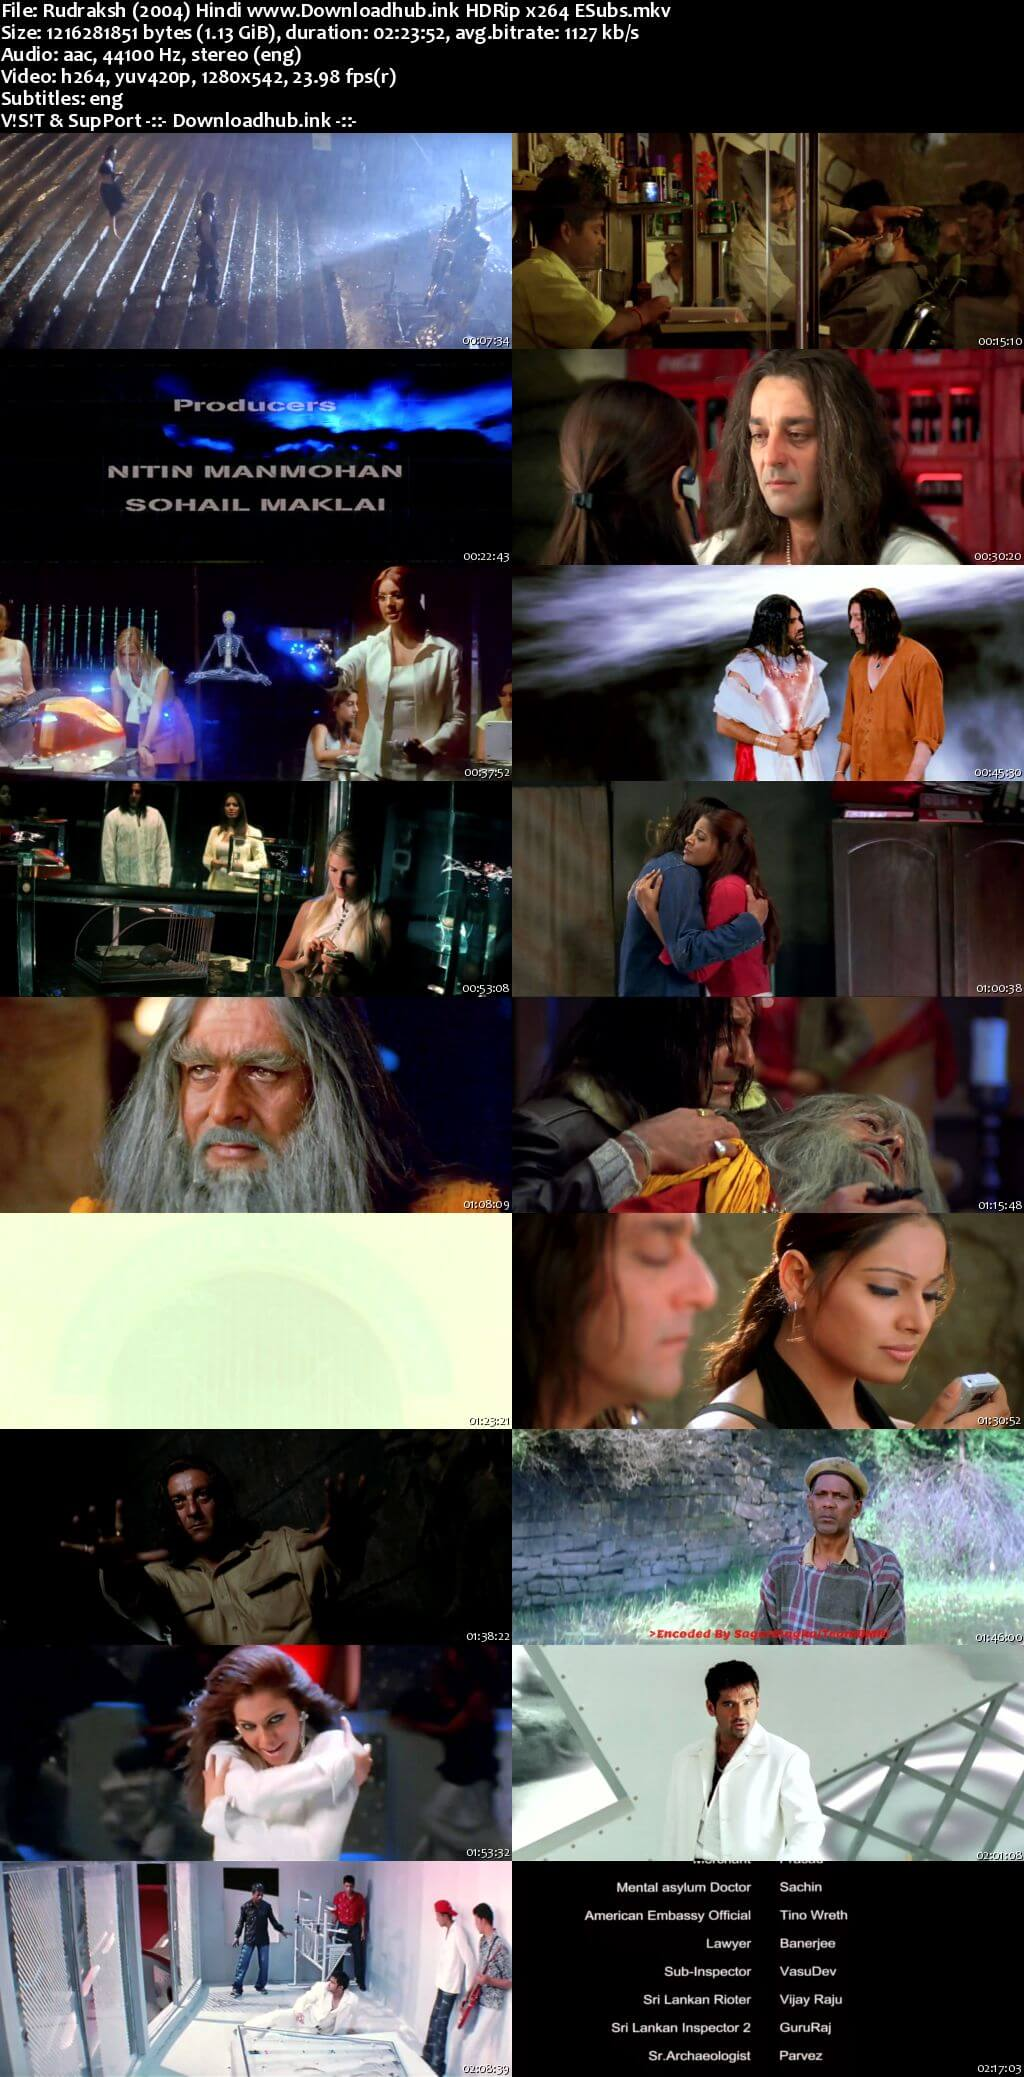 Rudraksh 2004 Hindi 720p HDRip ESubs